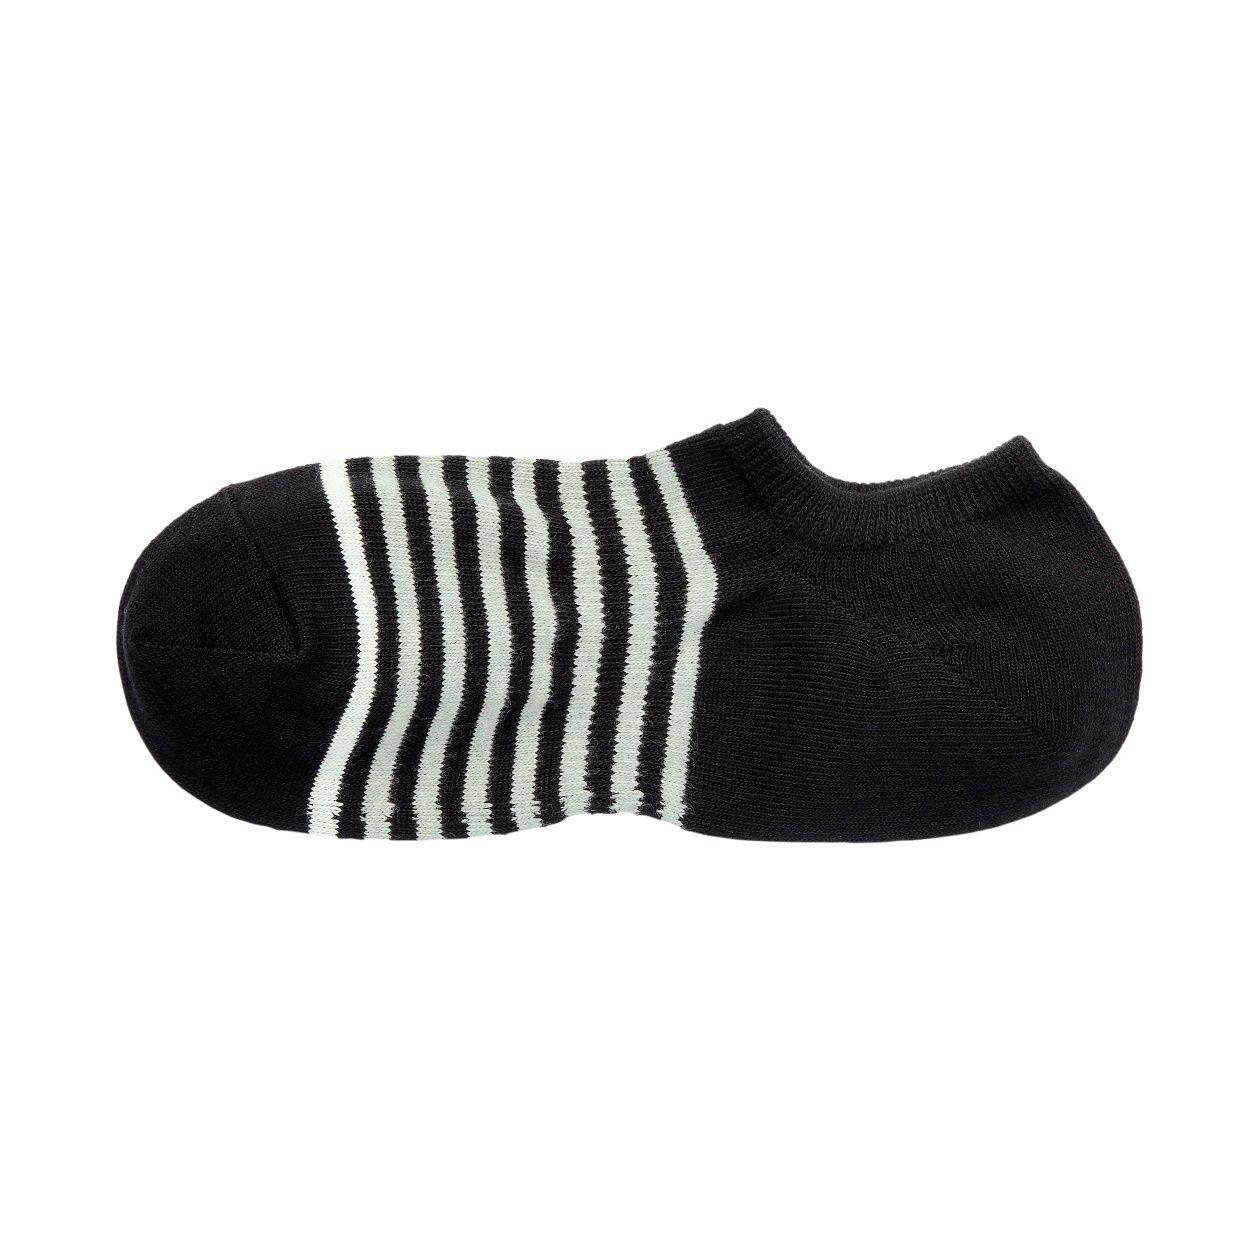 足なり直角 スニーカーイン靴下(ボーダー/紳士・えらべる)